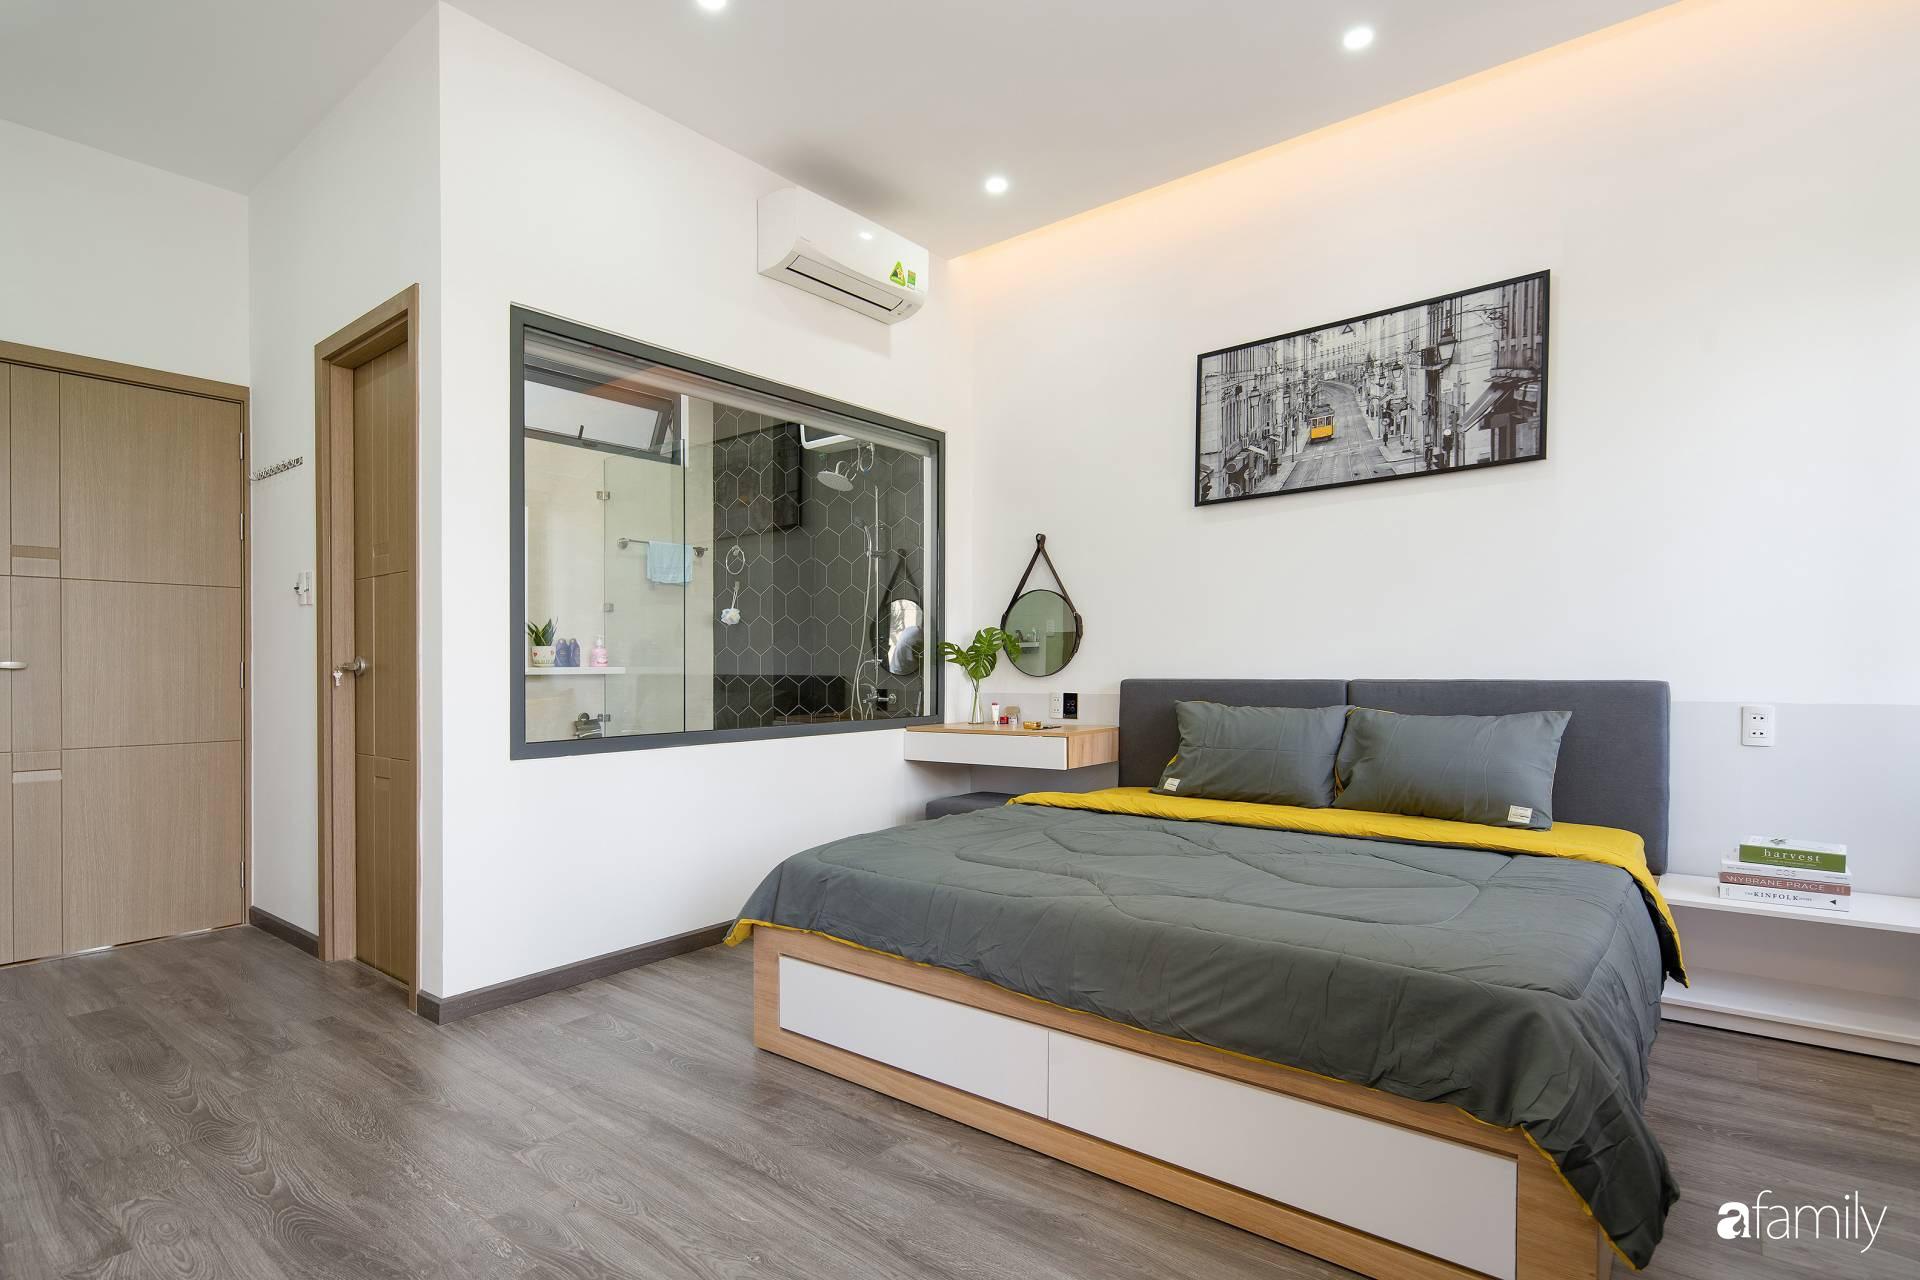 Ngôi nhà 100m2 thiết kế thông minh, tiện lợi dành cho gia đình 3 thế hệ ở Đà Nẵng - Ảnh 16.